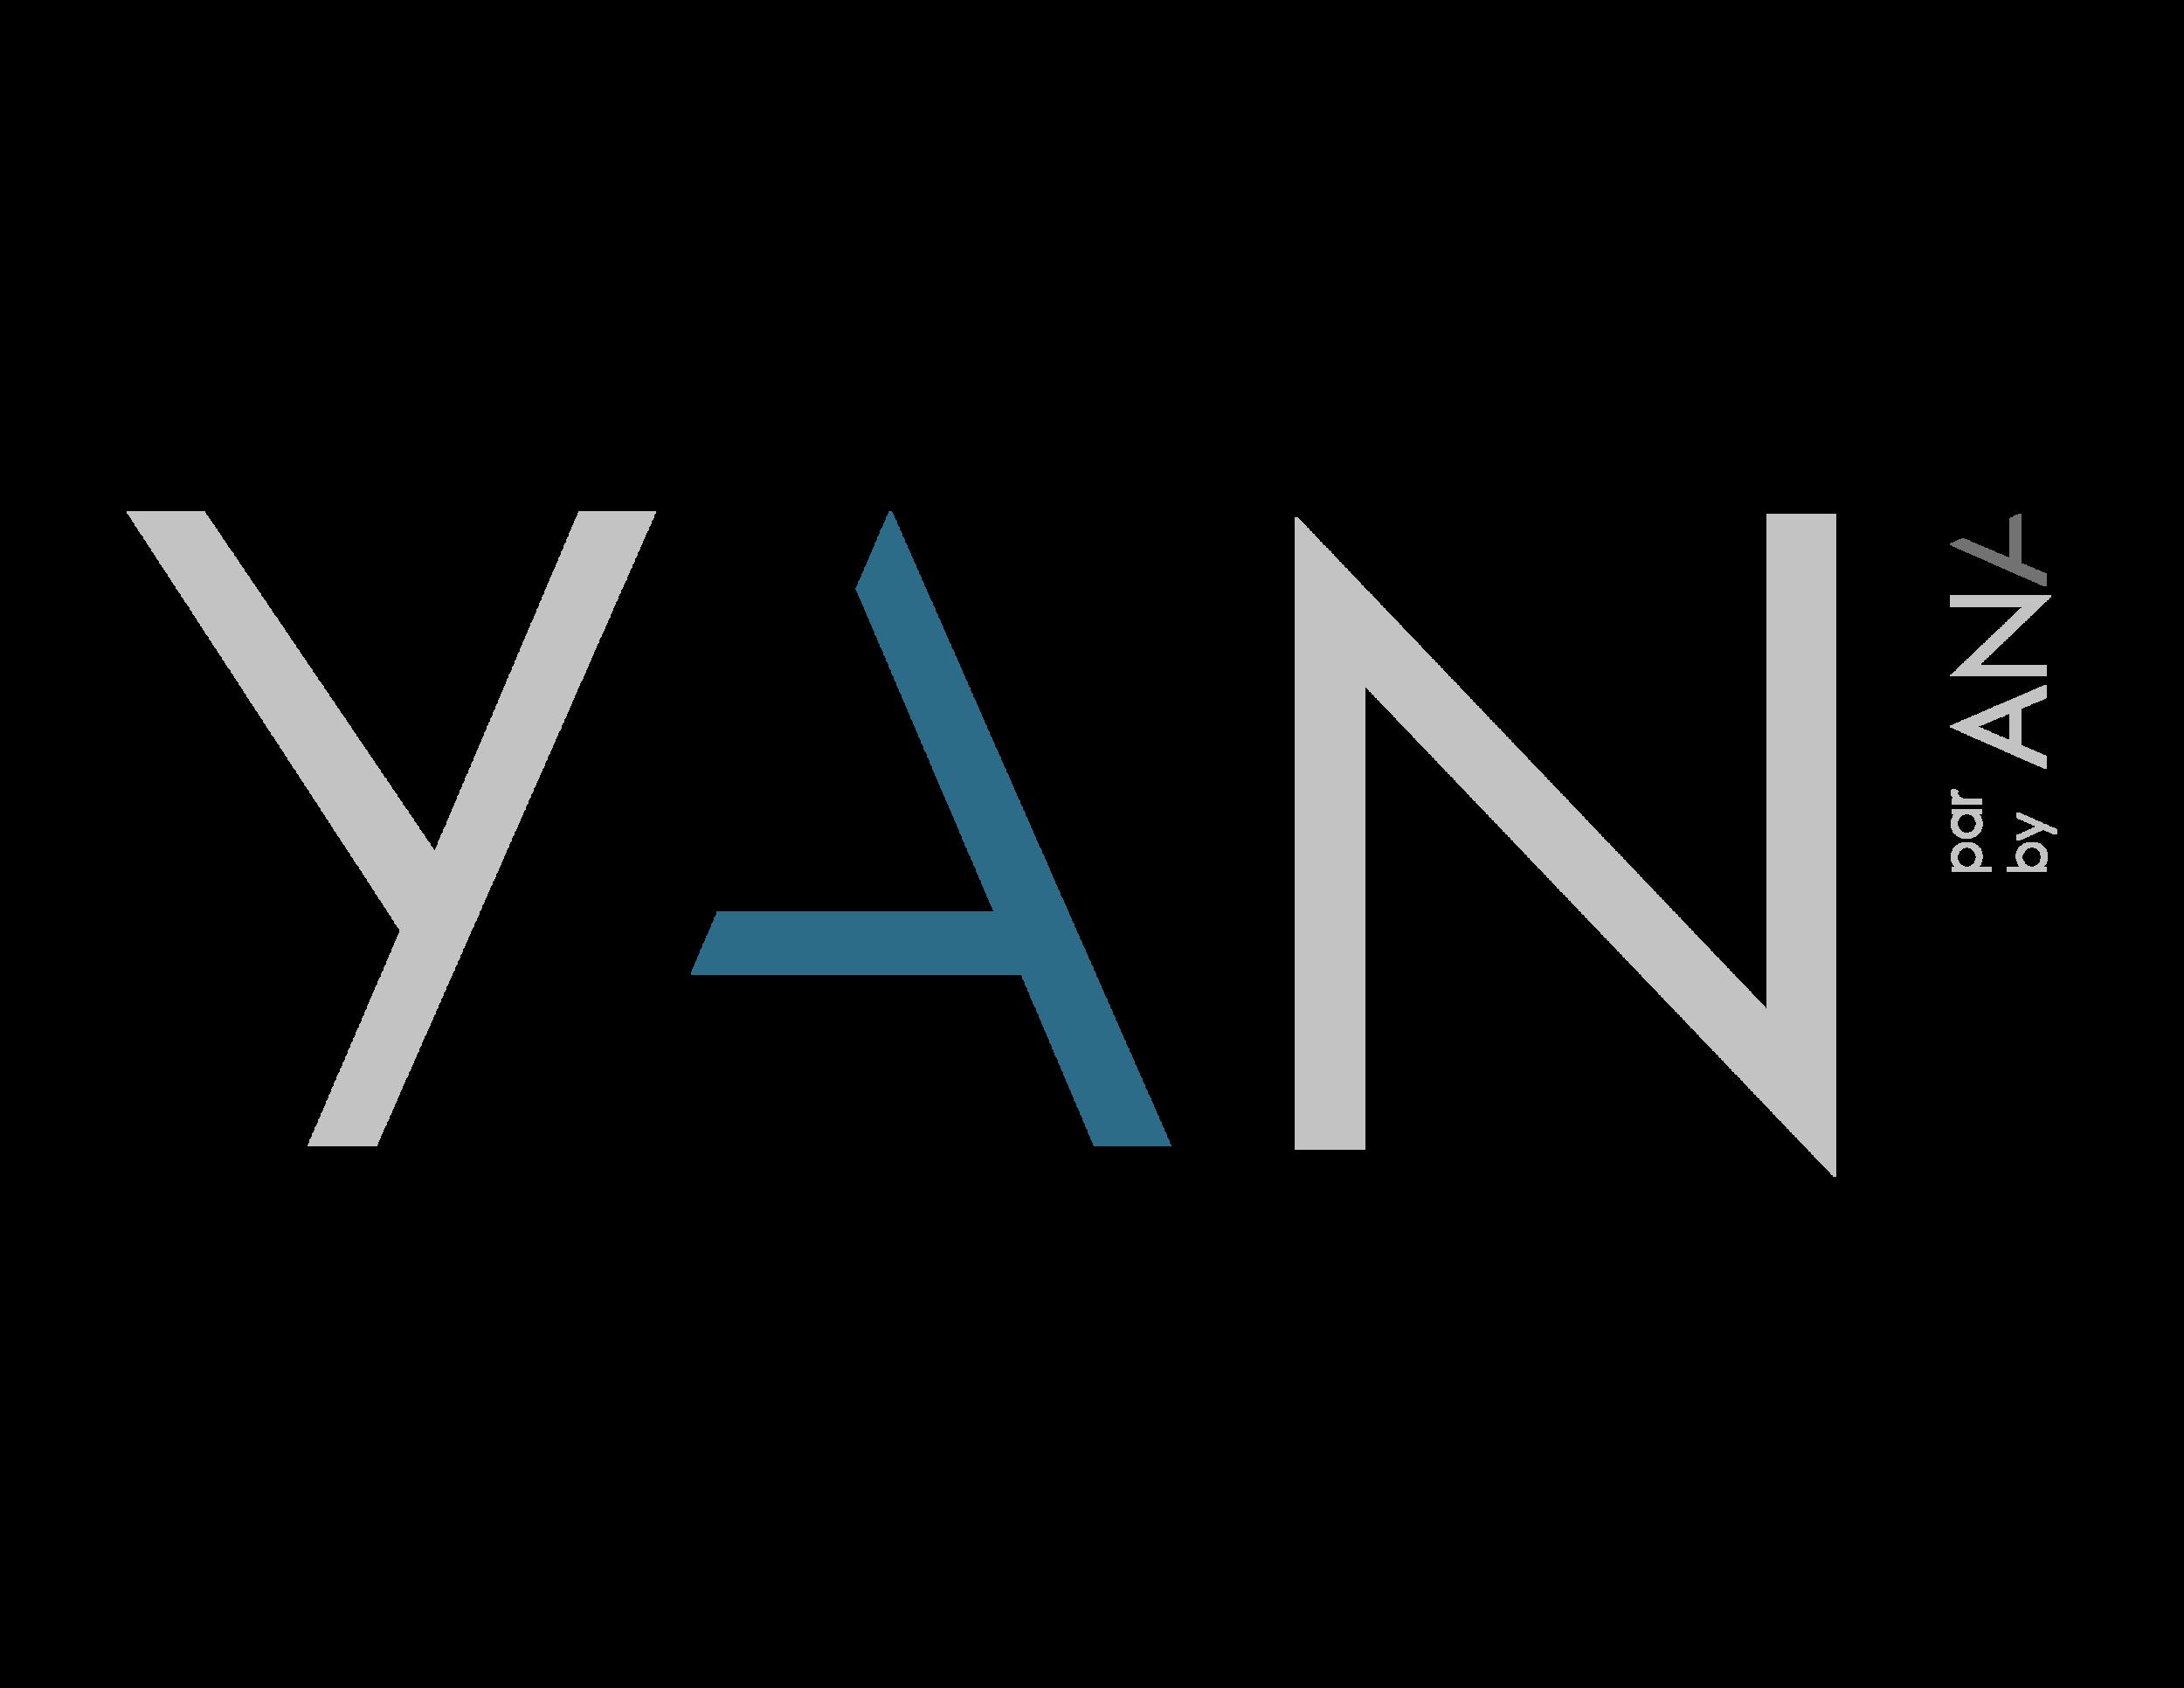 YAN_ostomyundewear